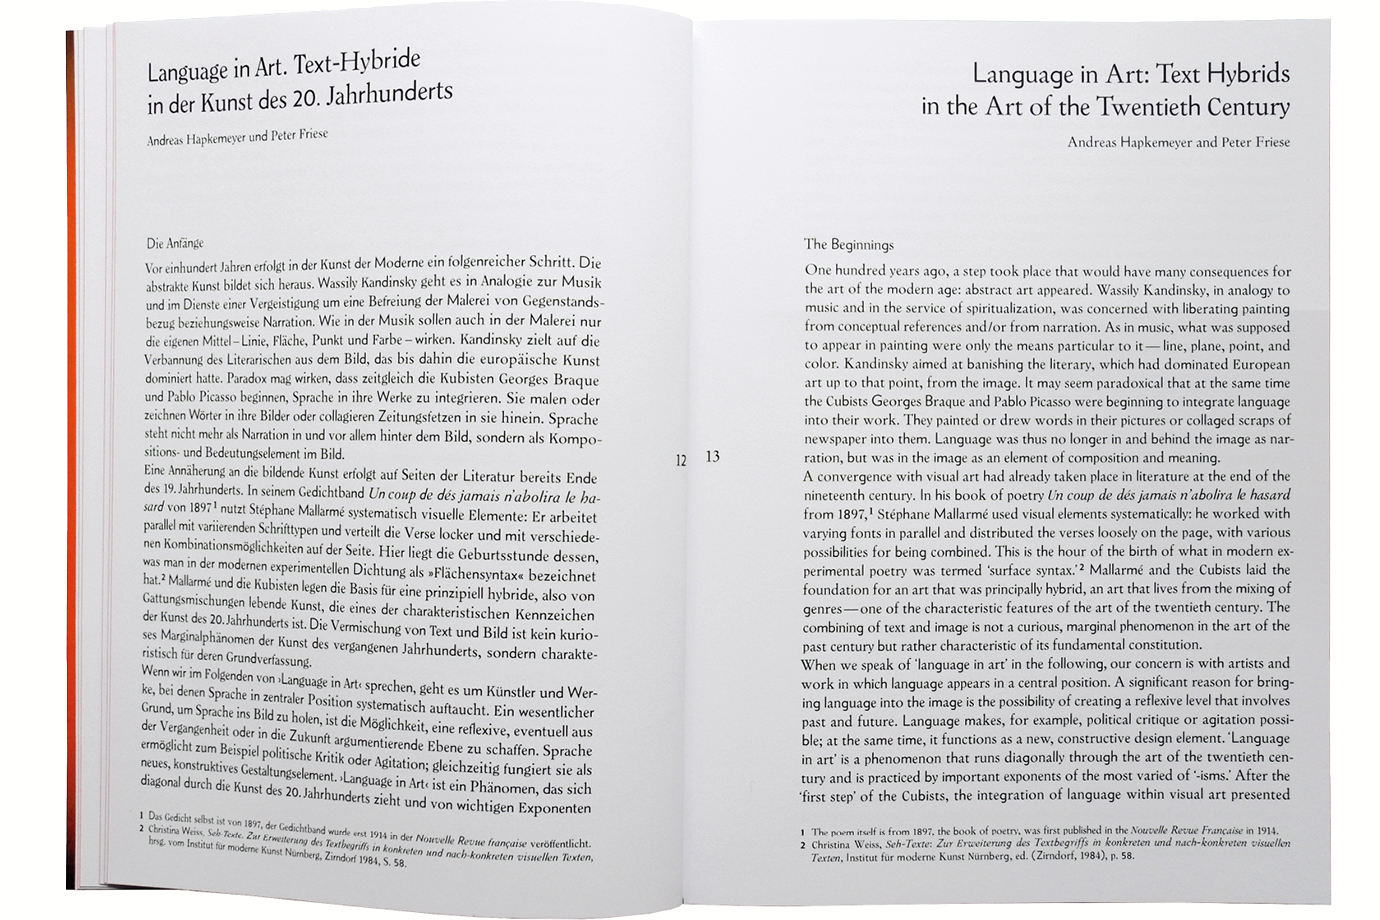 http://e-o-t.de/wordpress/wp-content/uploads/2017/07/eot-2011_Ars-Viva_Book_4.jpg